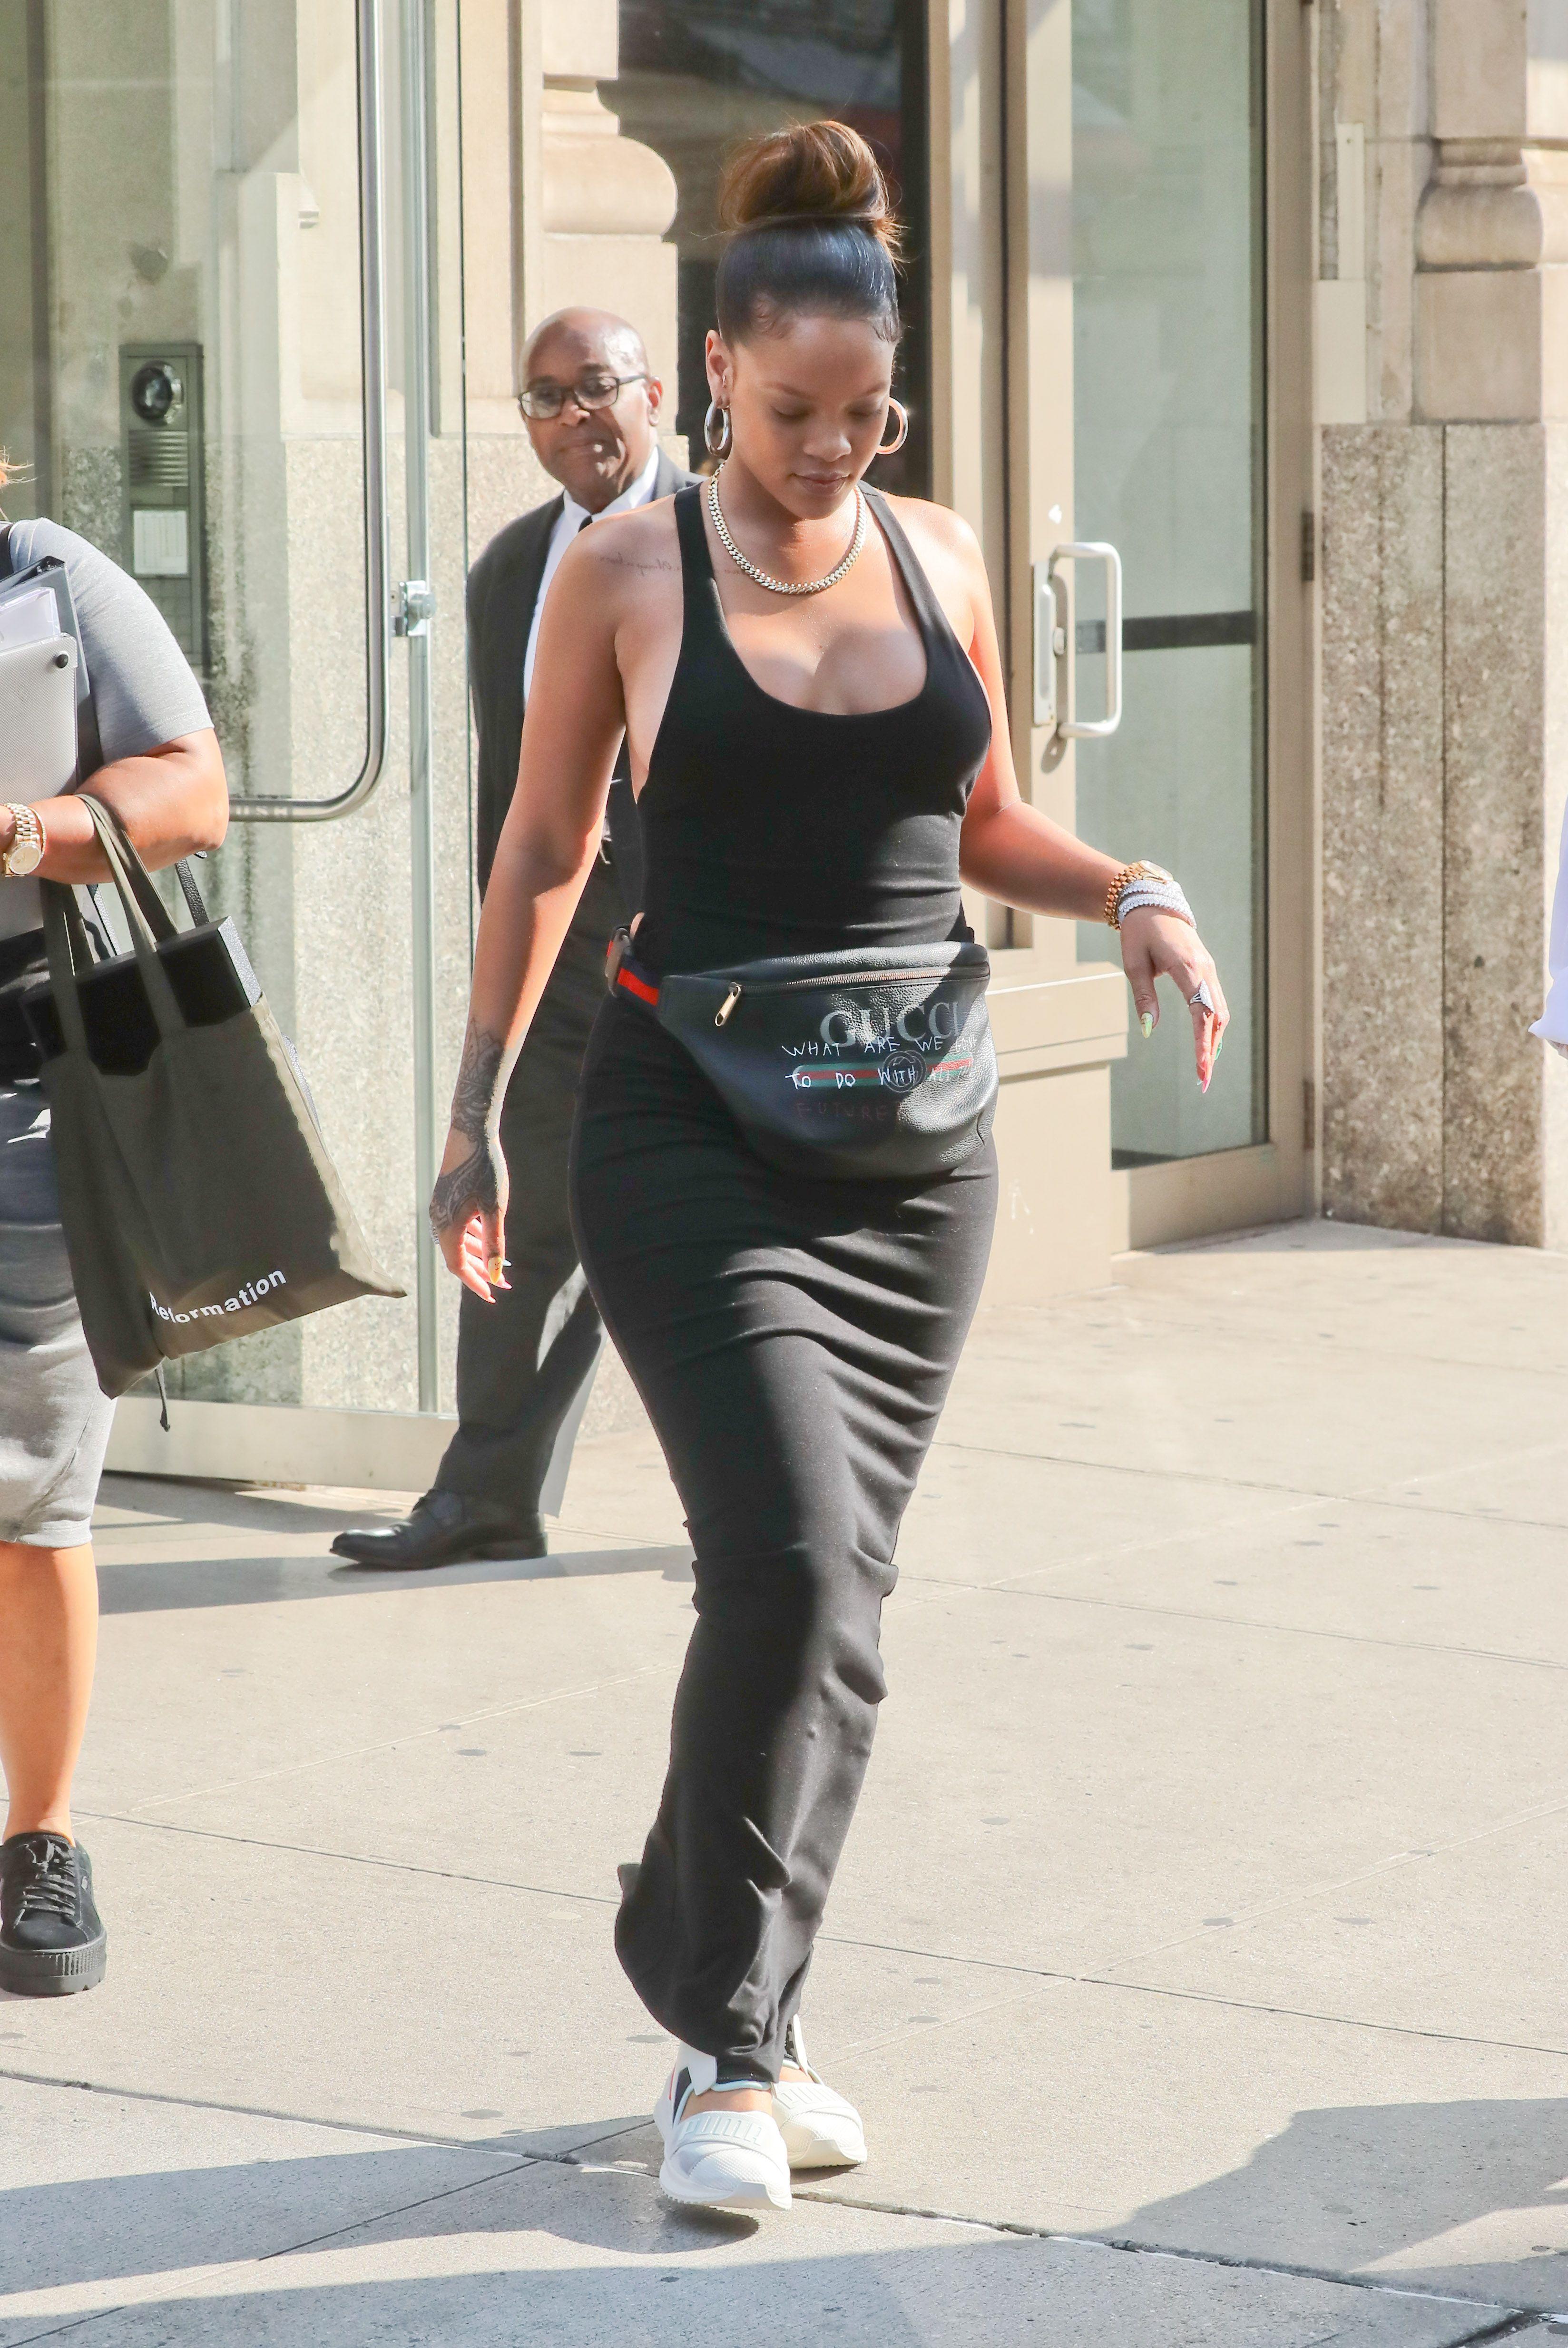 Rihanna-Braless-13-thefappeningblog.com_.jpg